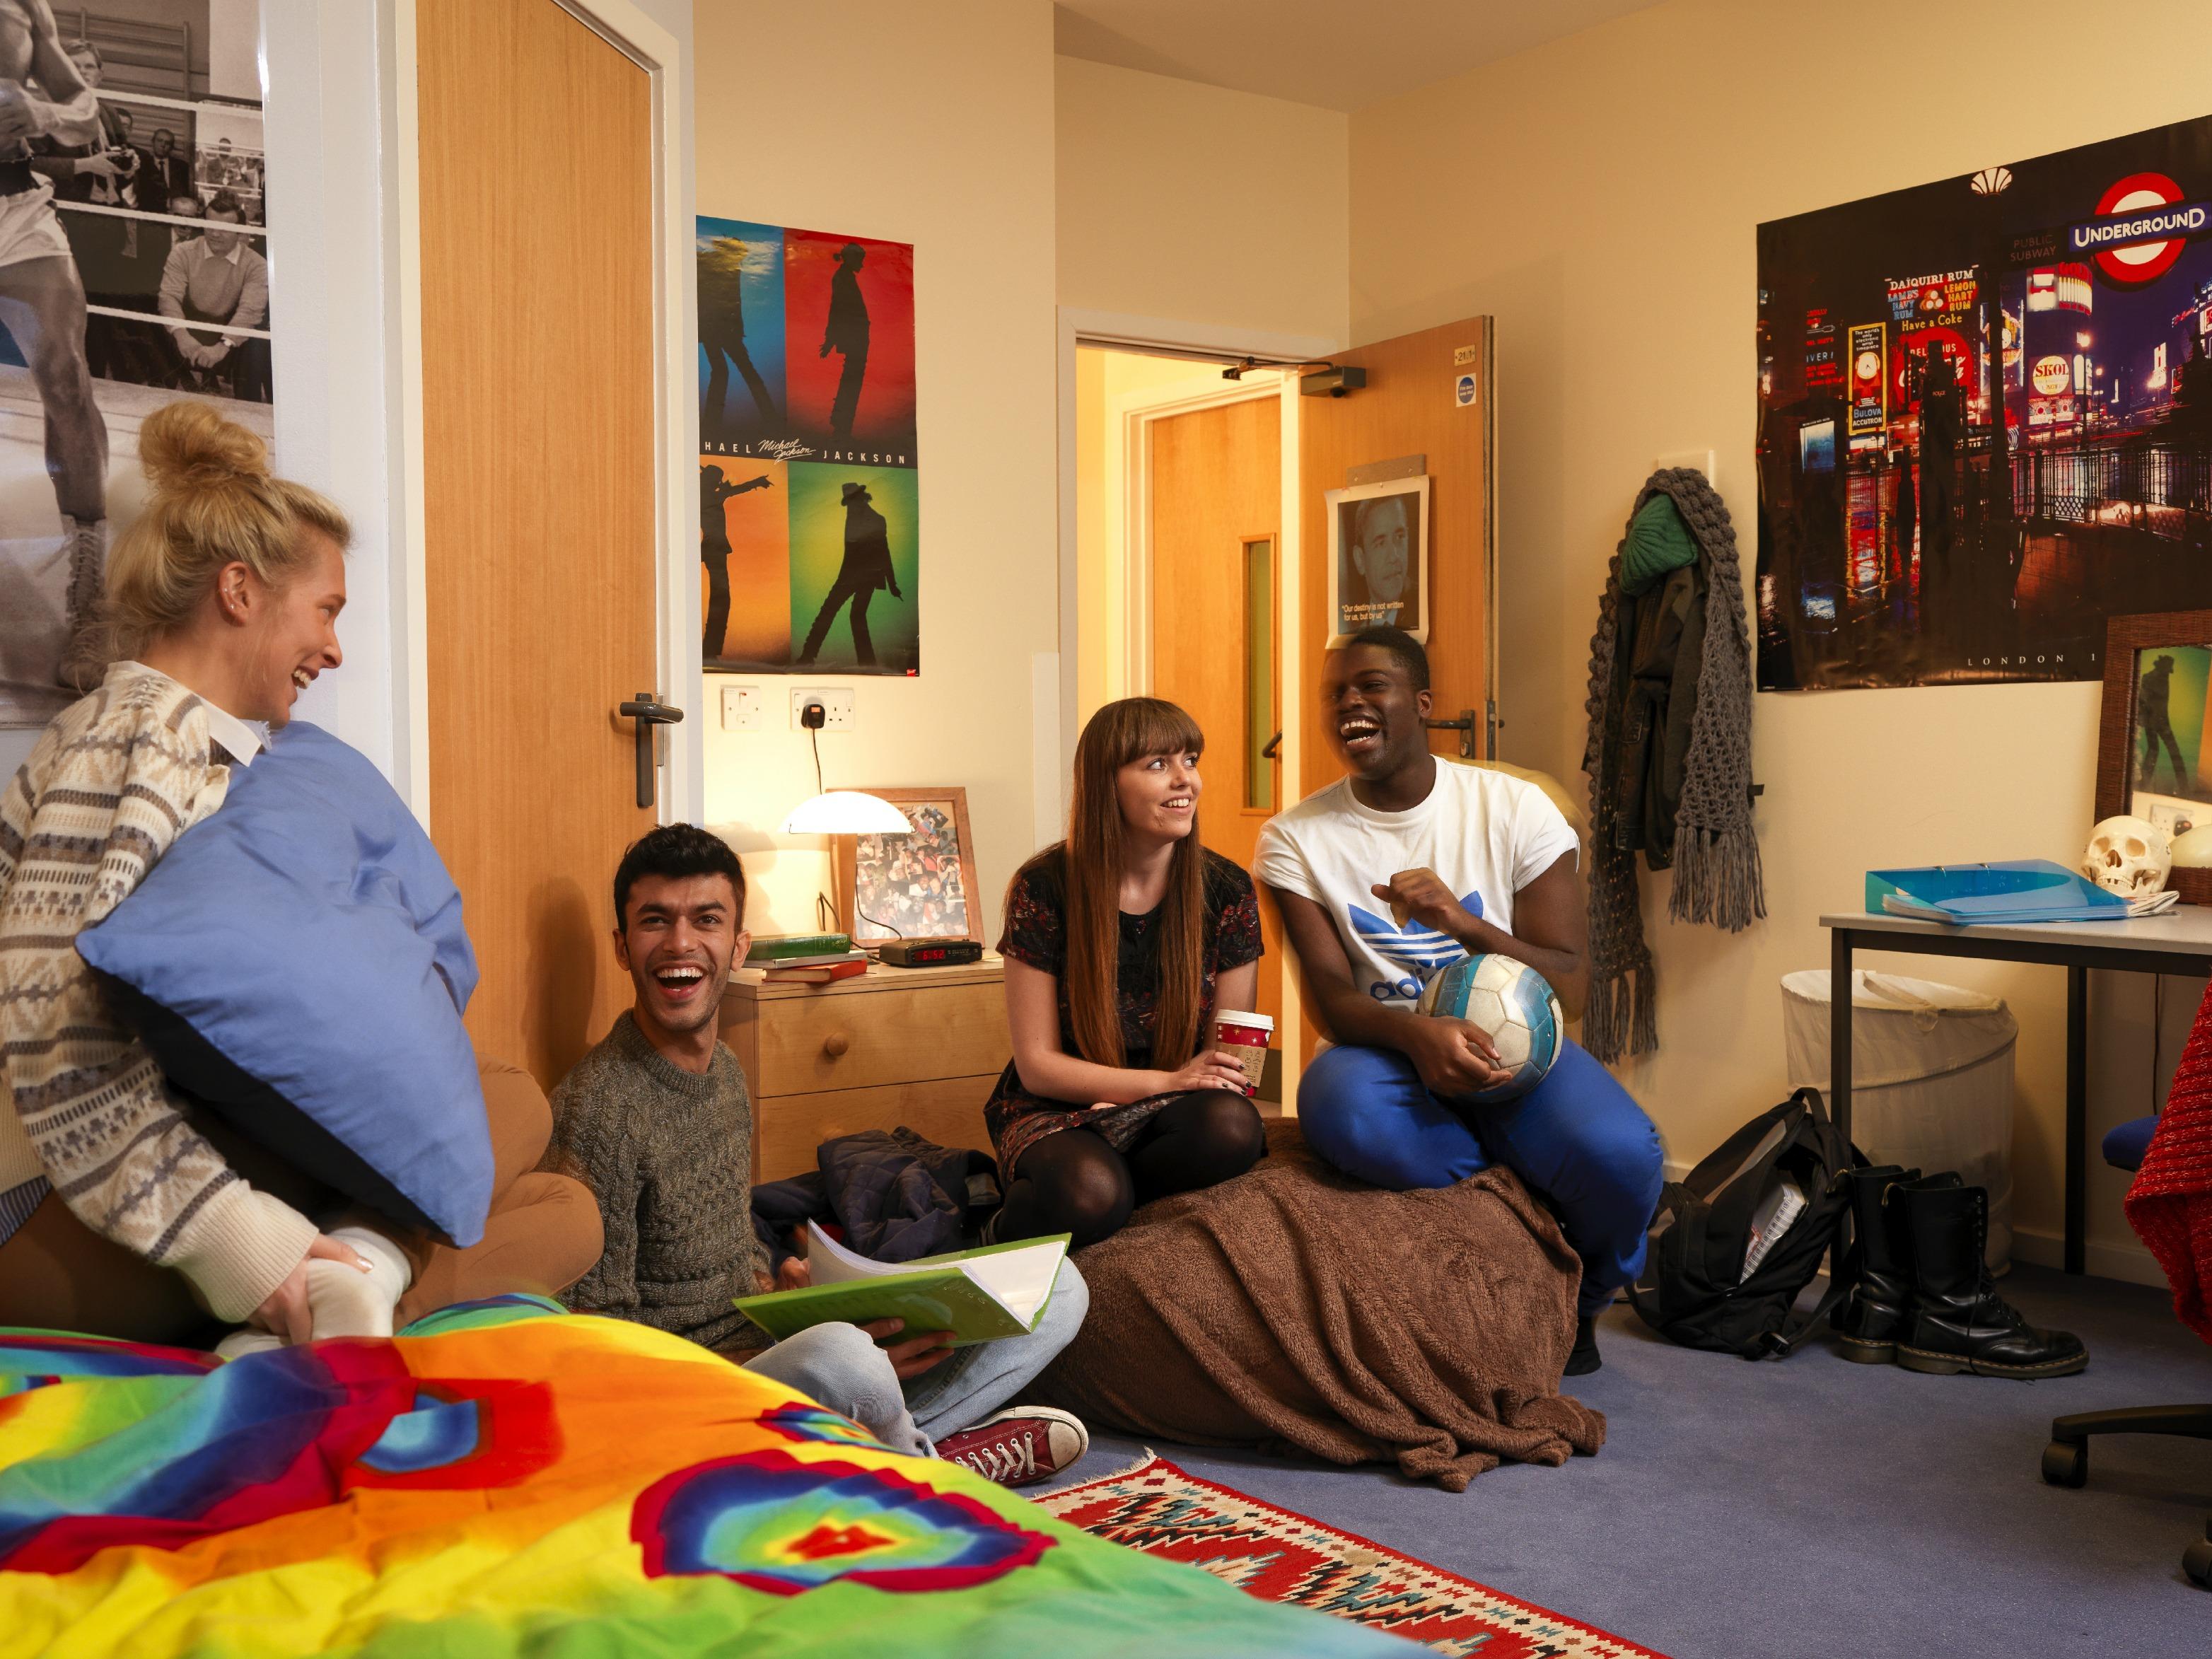 Студенческая комната University of Surrey